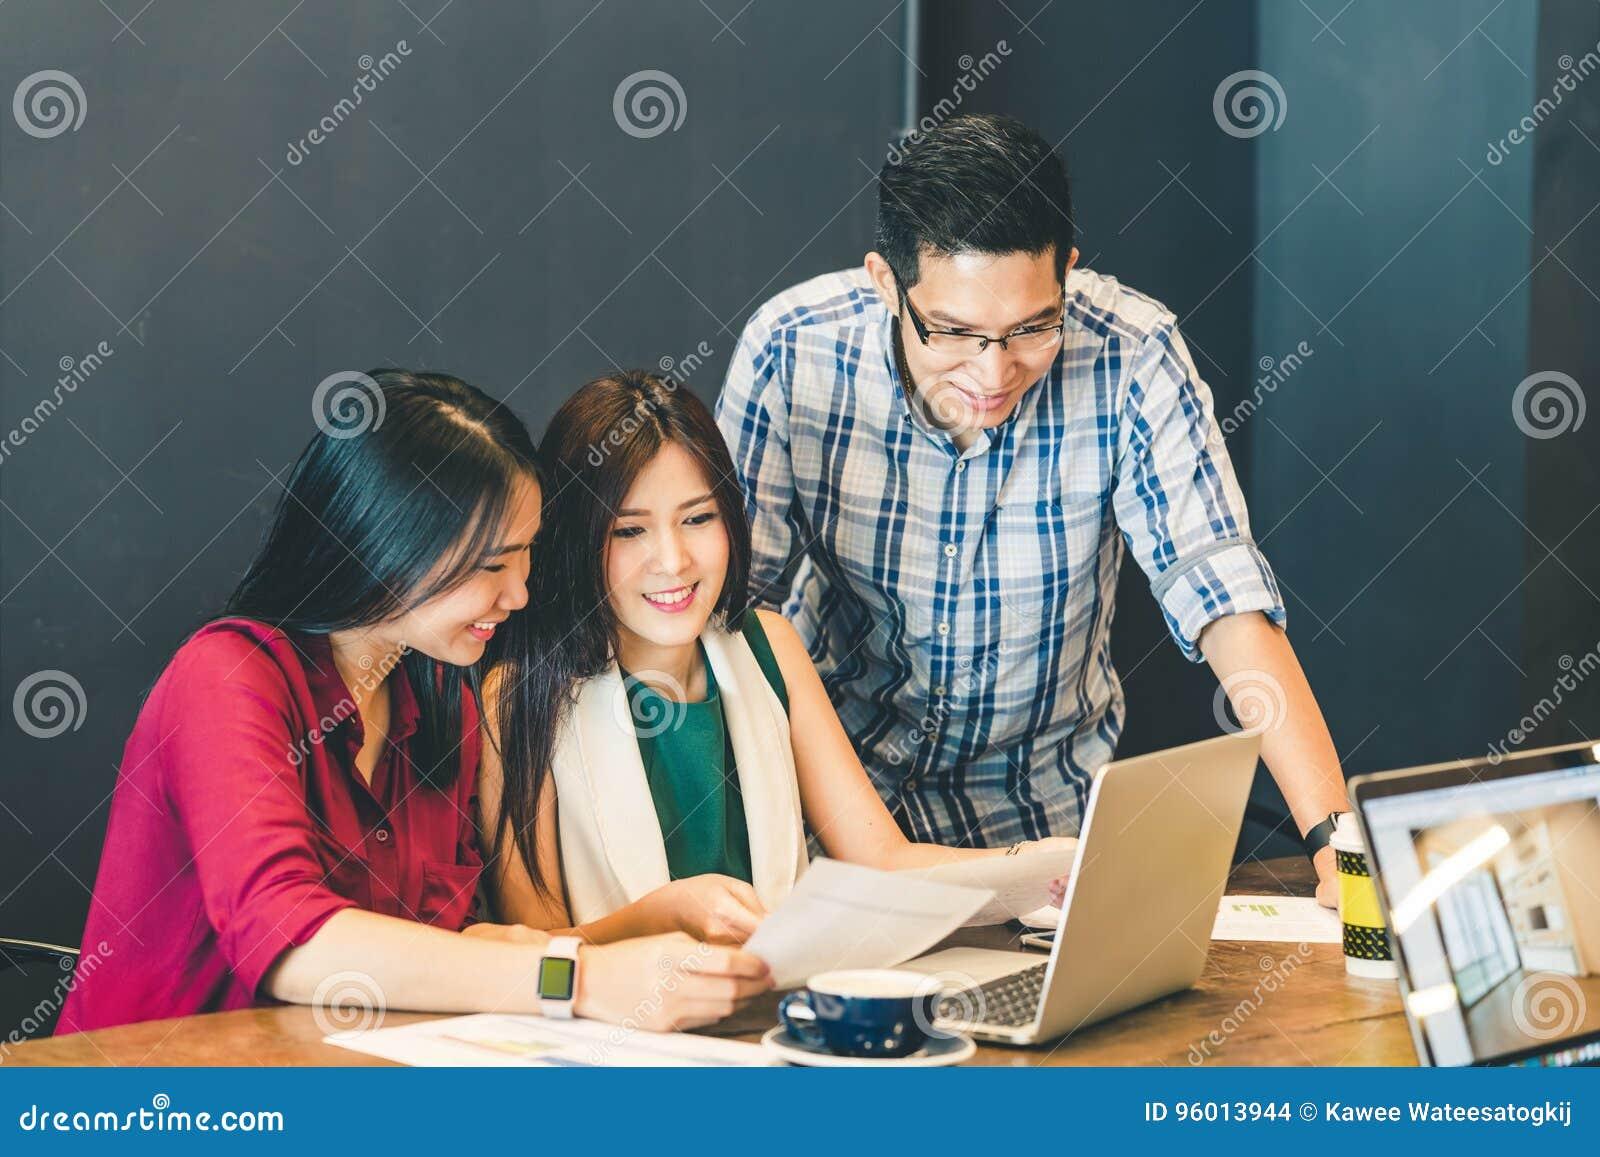 Gruppe junge asiatische Geschäftskollegen oder Studenten in der zufälligen Diskussion des Teams, StartprojektGeschäftstreffen